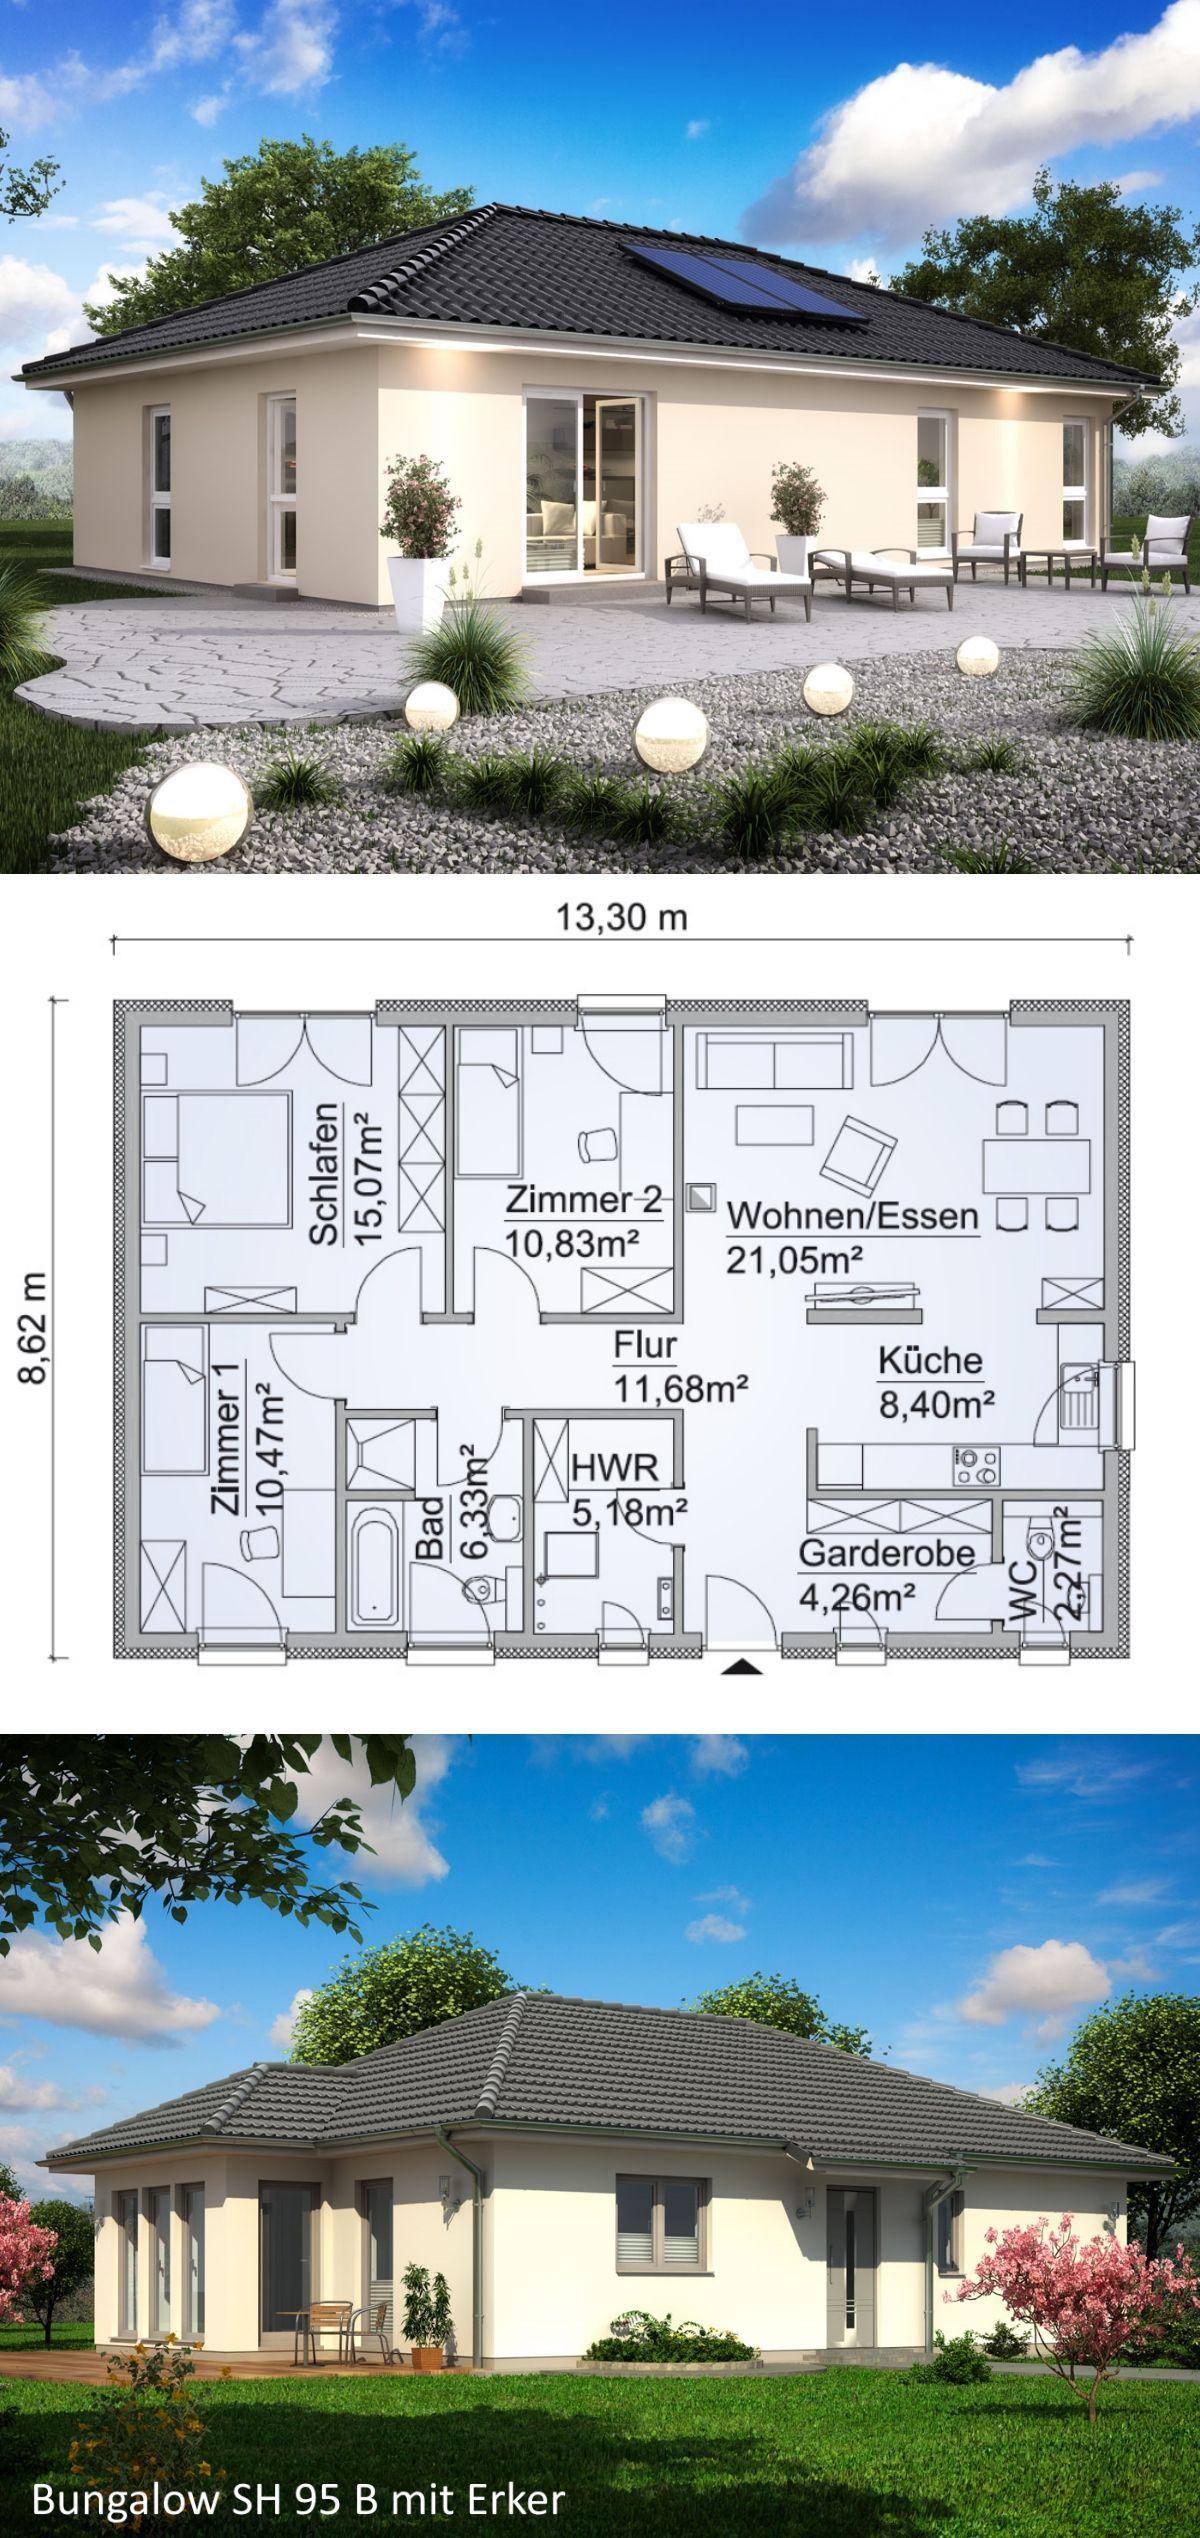 Bungalow haus neubau grundriss klassisch mit walmdach for Architektur klassisch